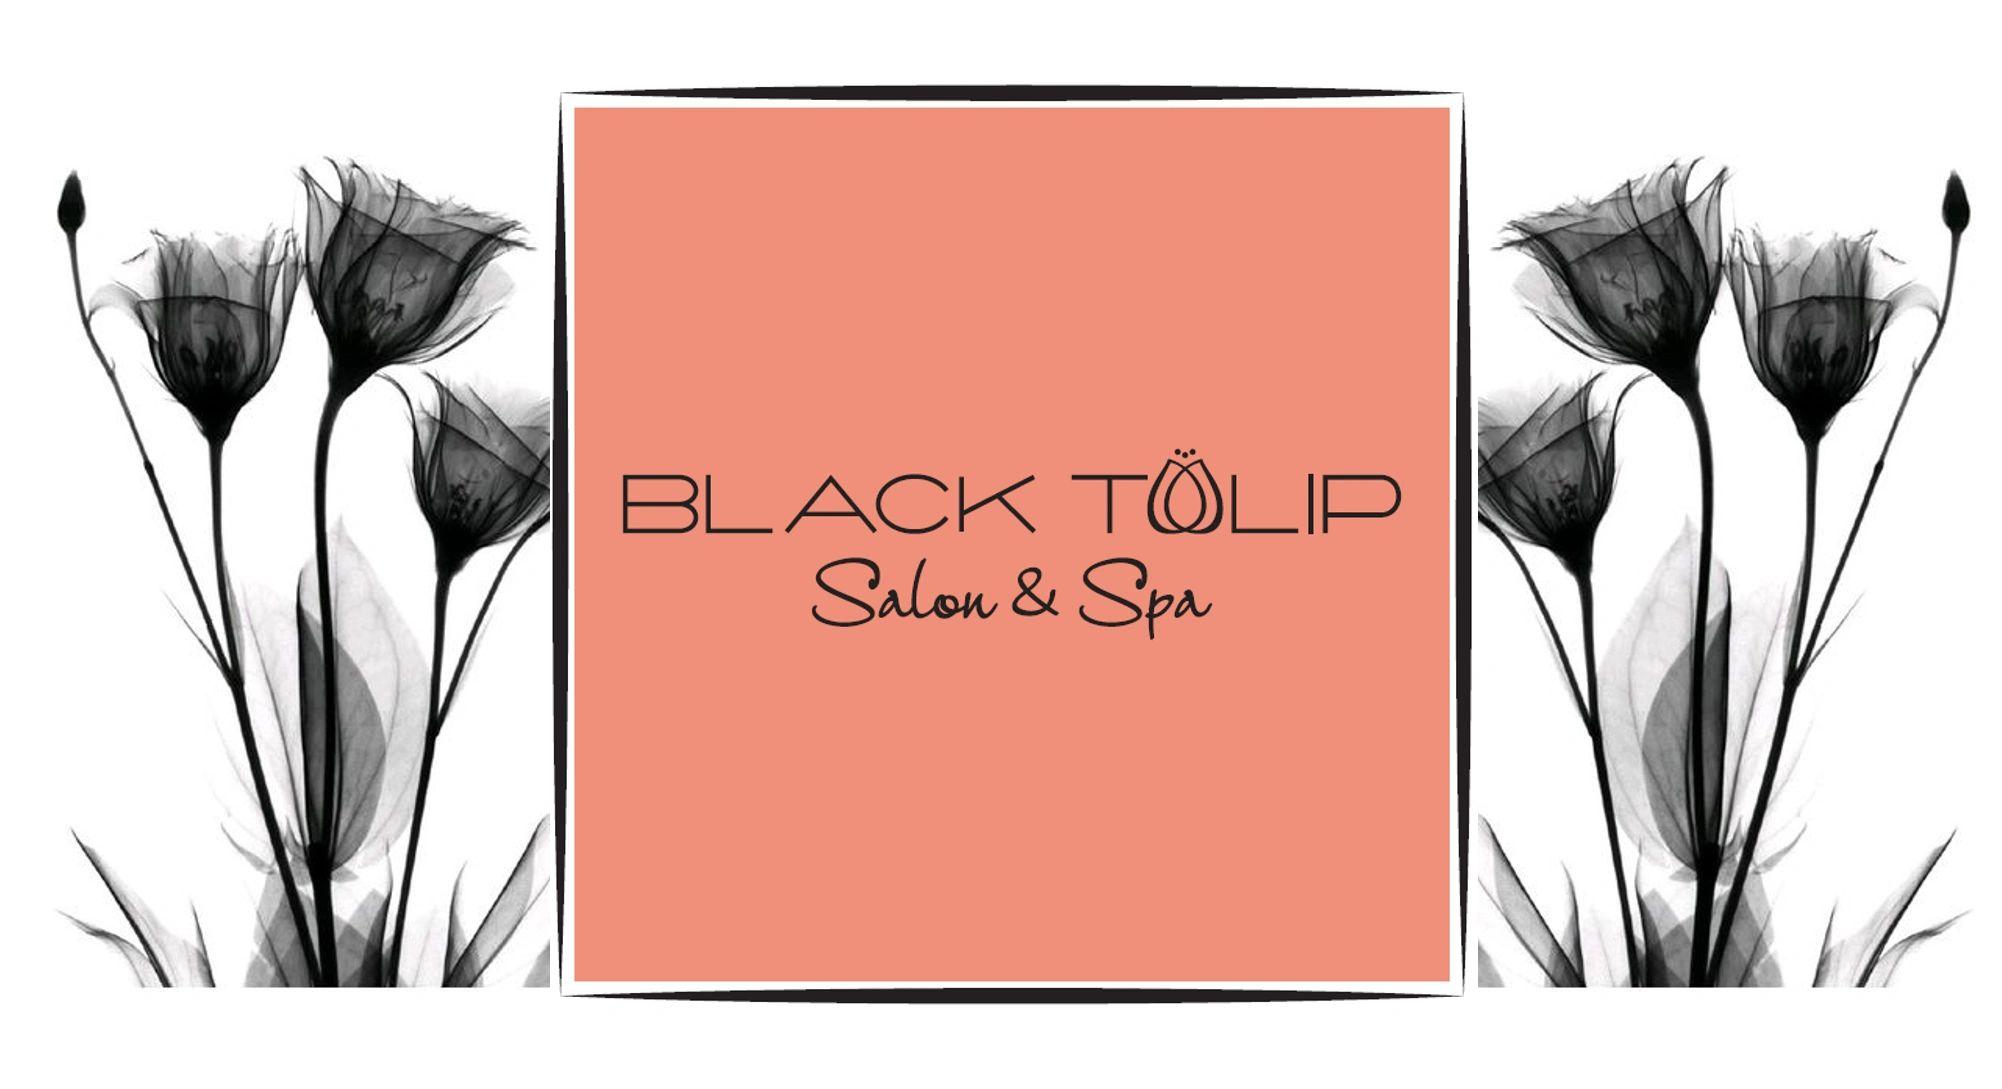 Facials & Nails | Black Tulip Salon & Spa